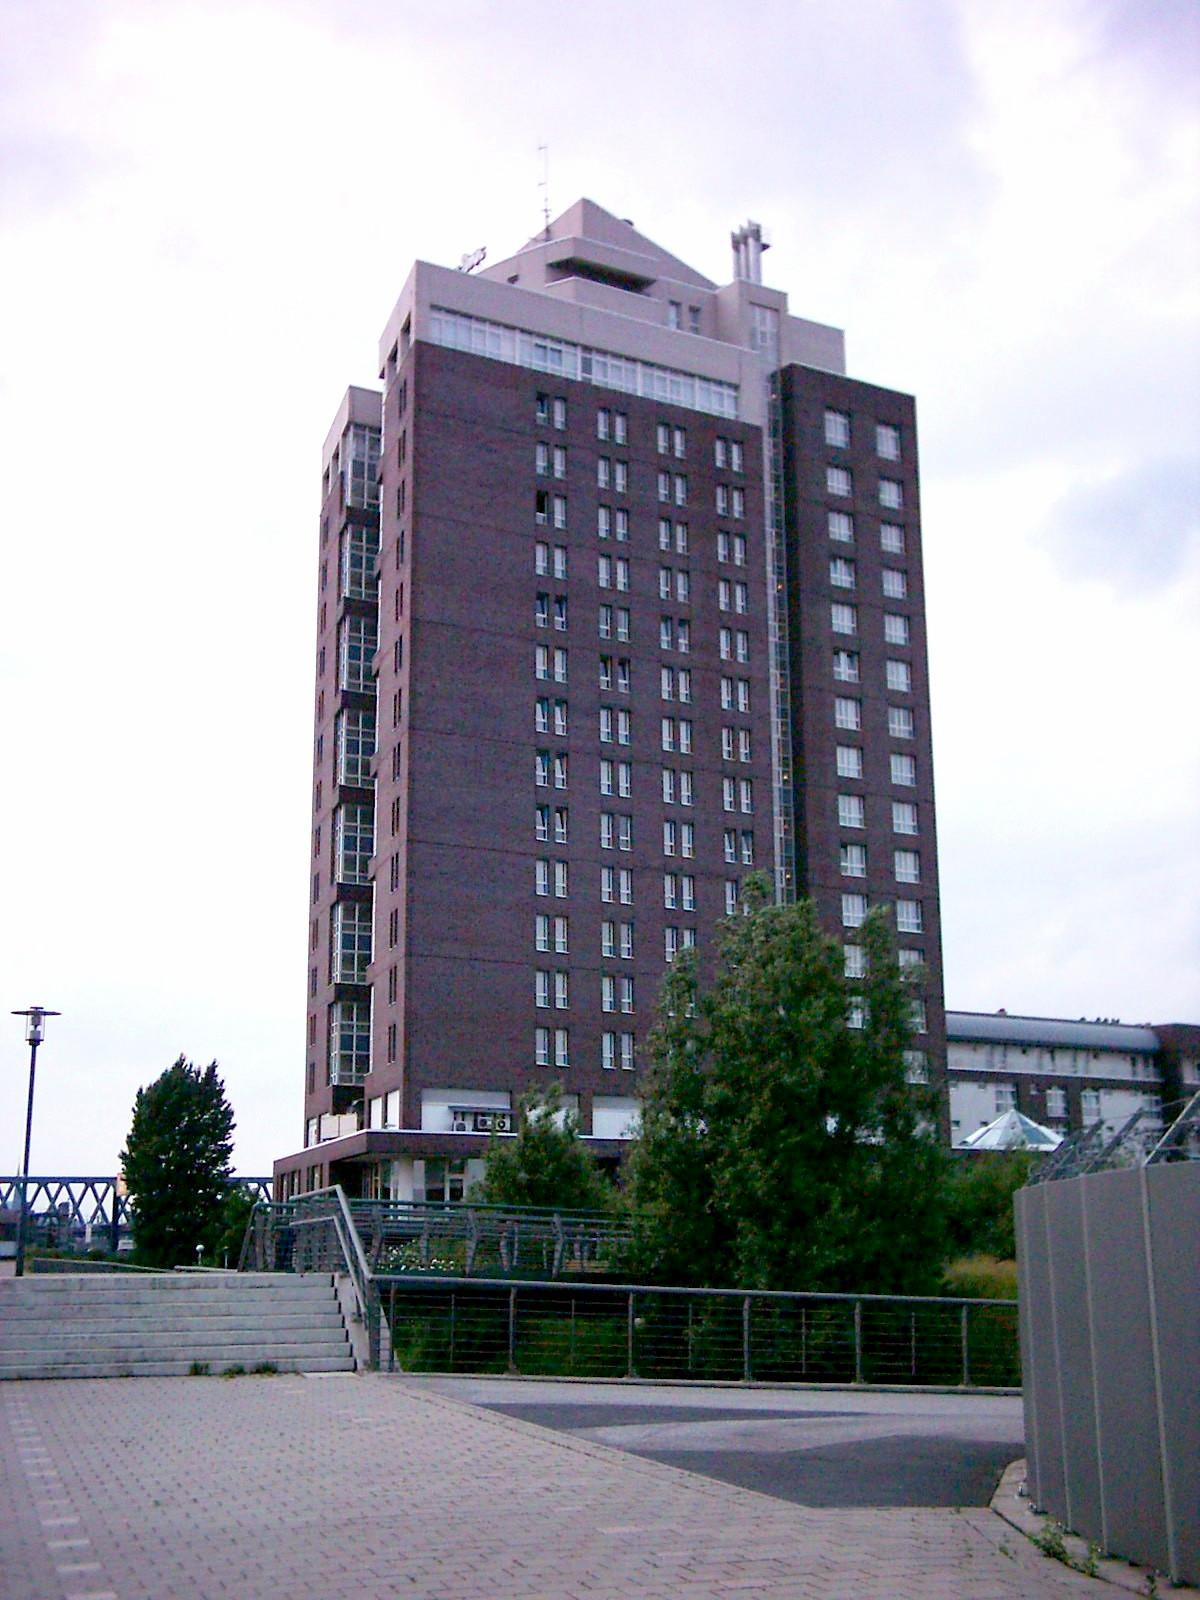 Hamburg Quality Hotel Ambabador